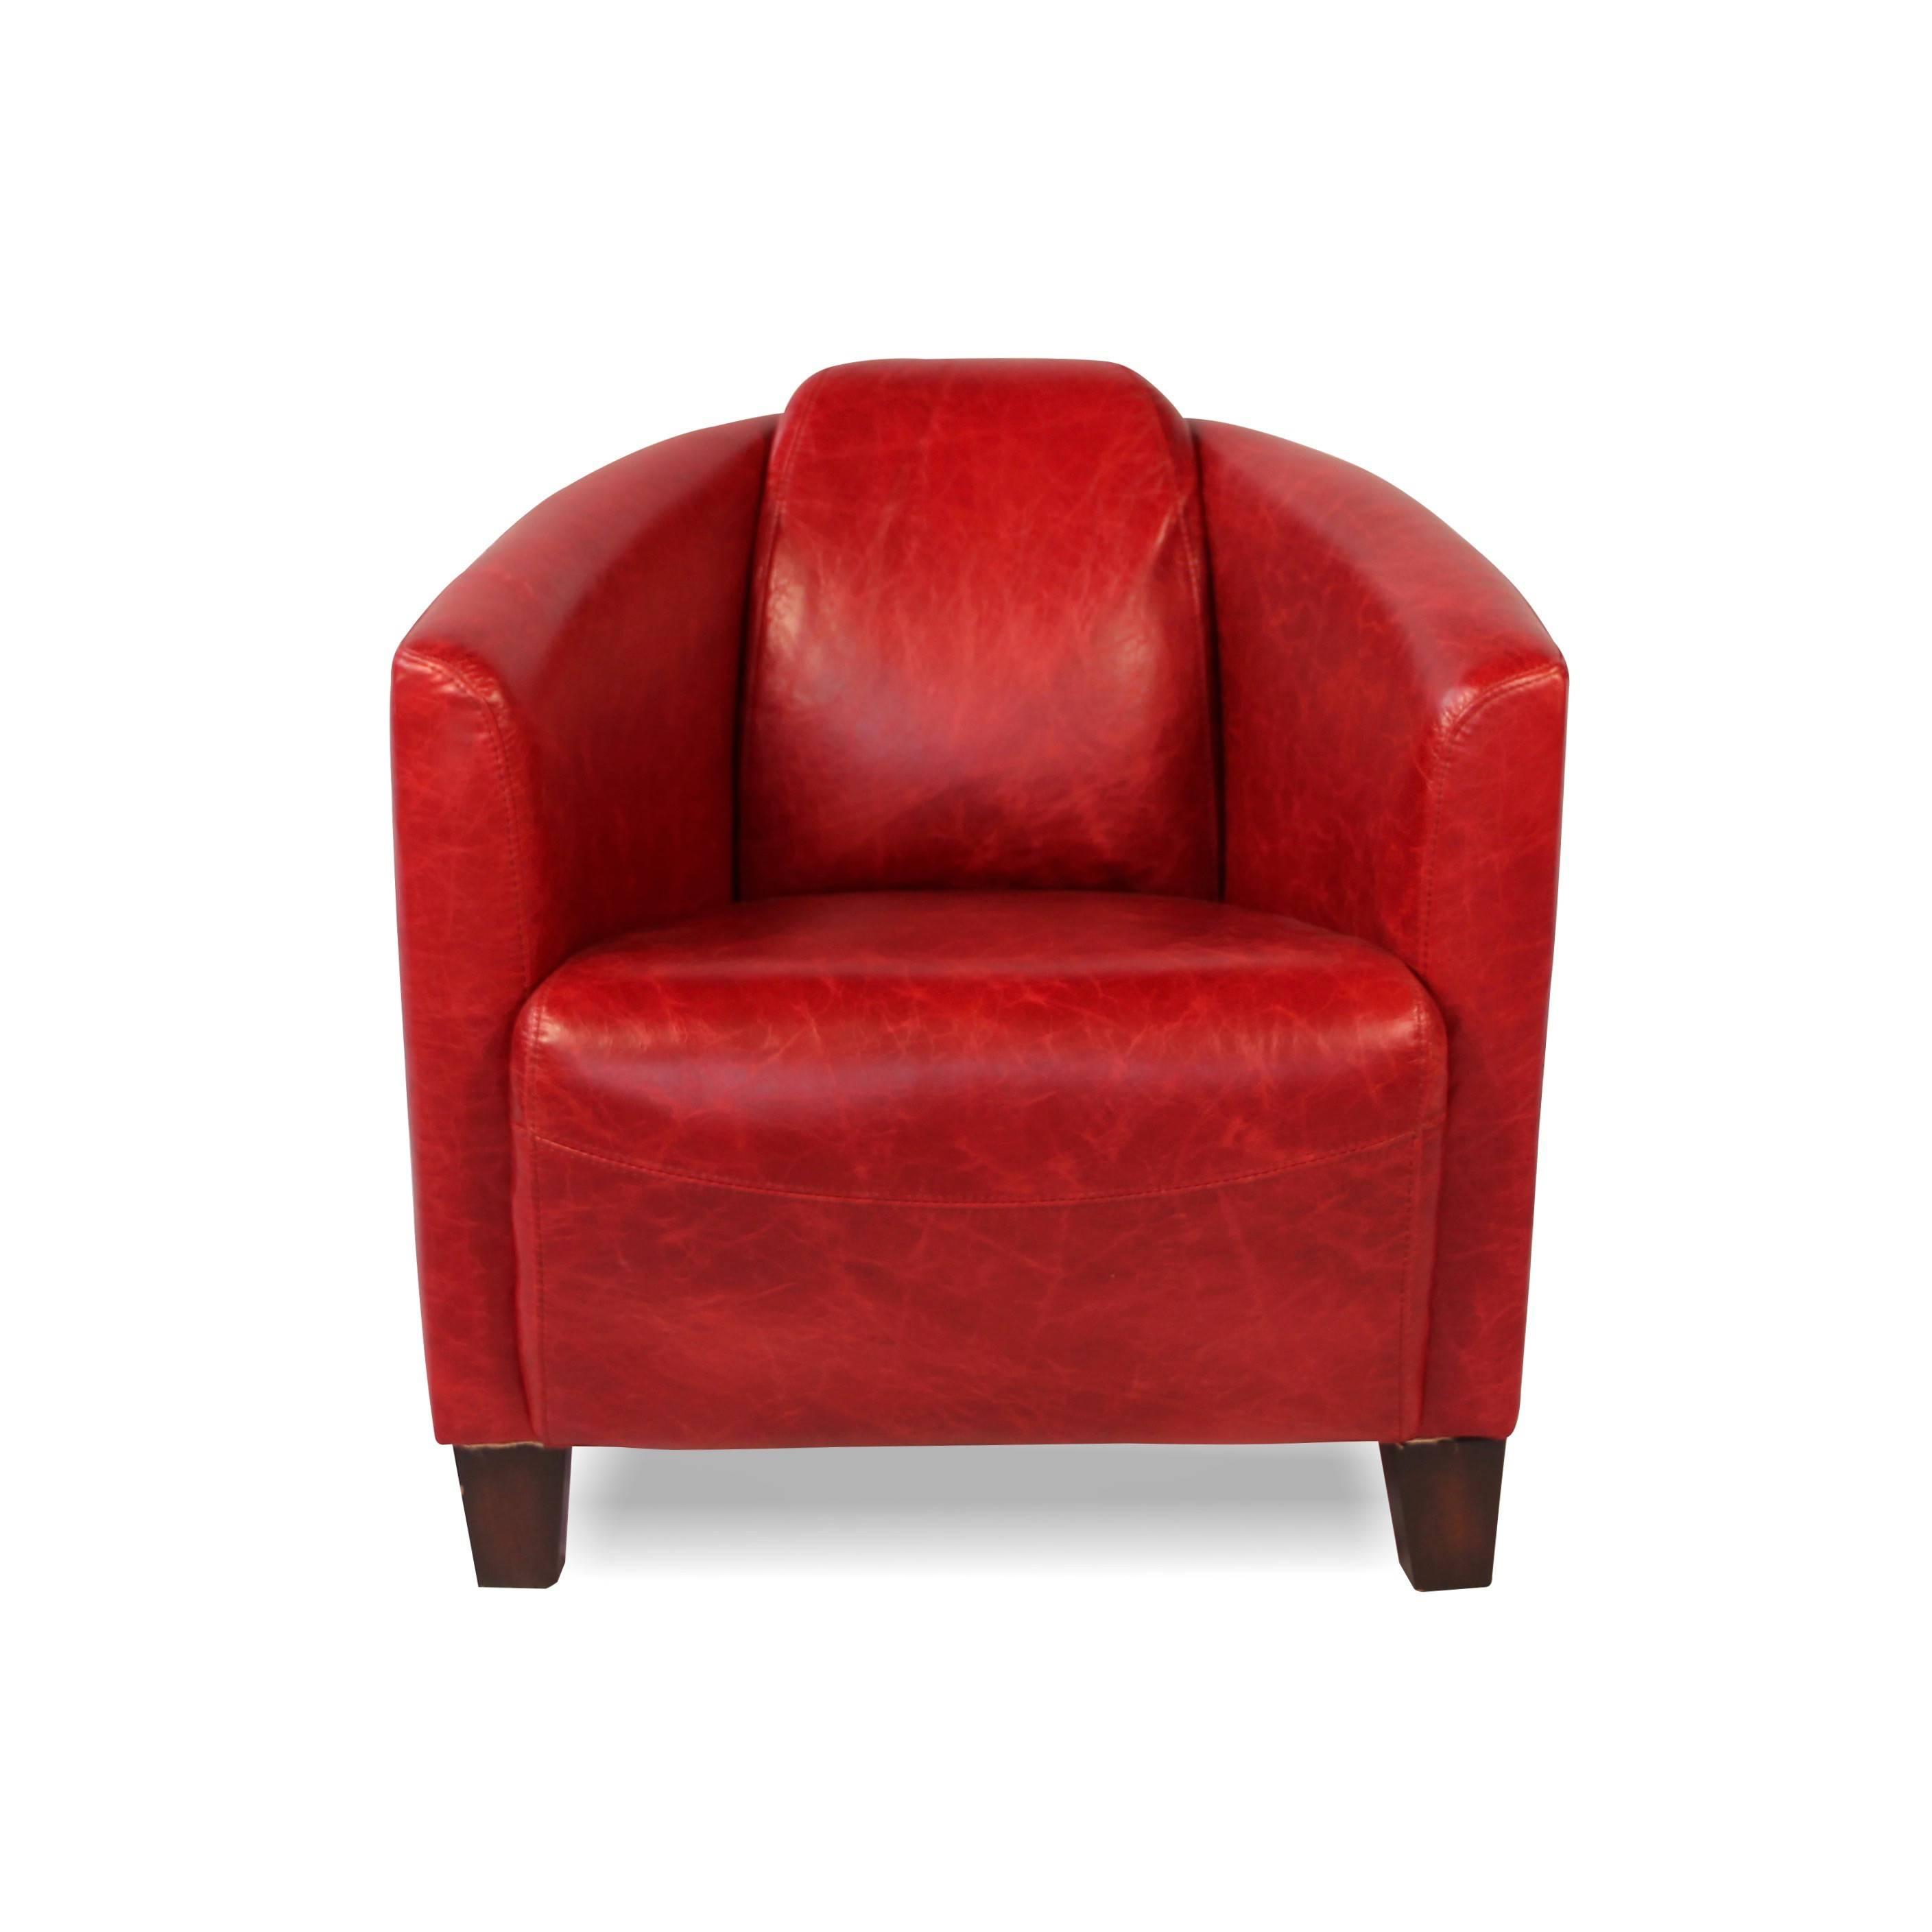 fauteuil club vintage en cuir patin et vieilli rouge. Black Bedroom Furniture Sets. Home Design Ideas